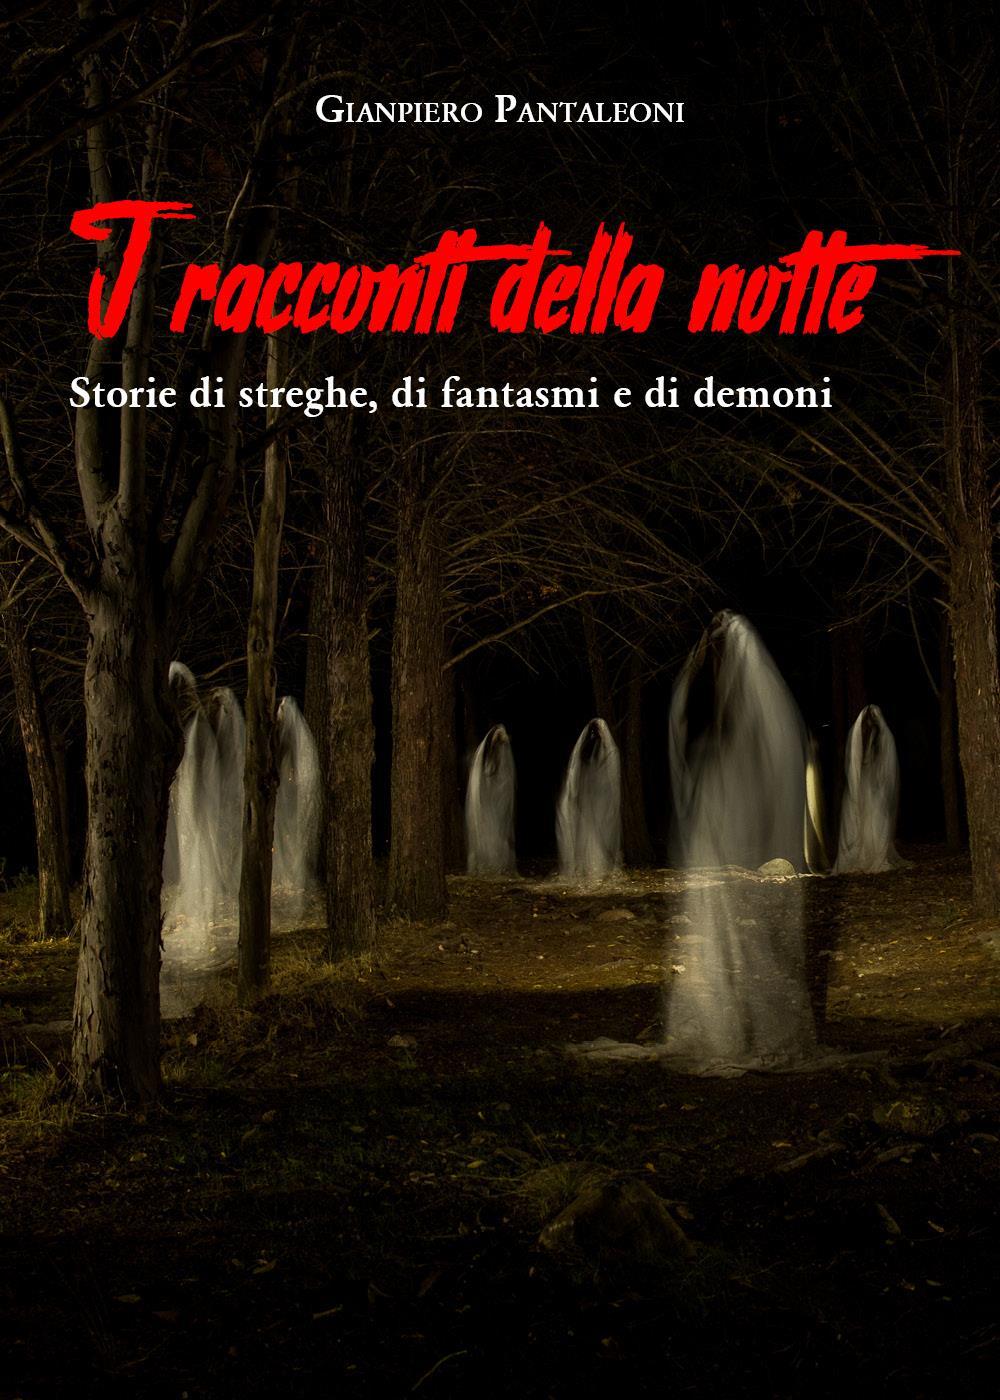 I racconti della notte - Storie di streghe di fantasmi e di demoni